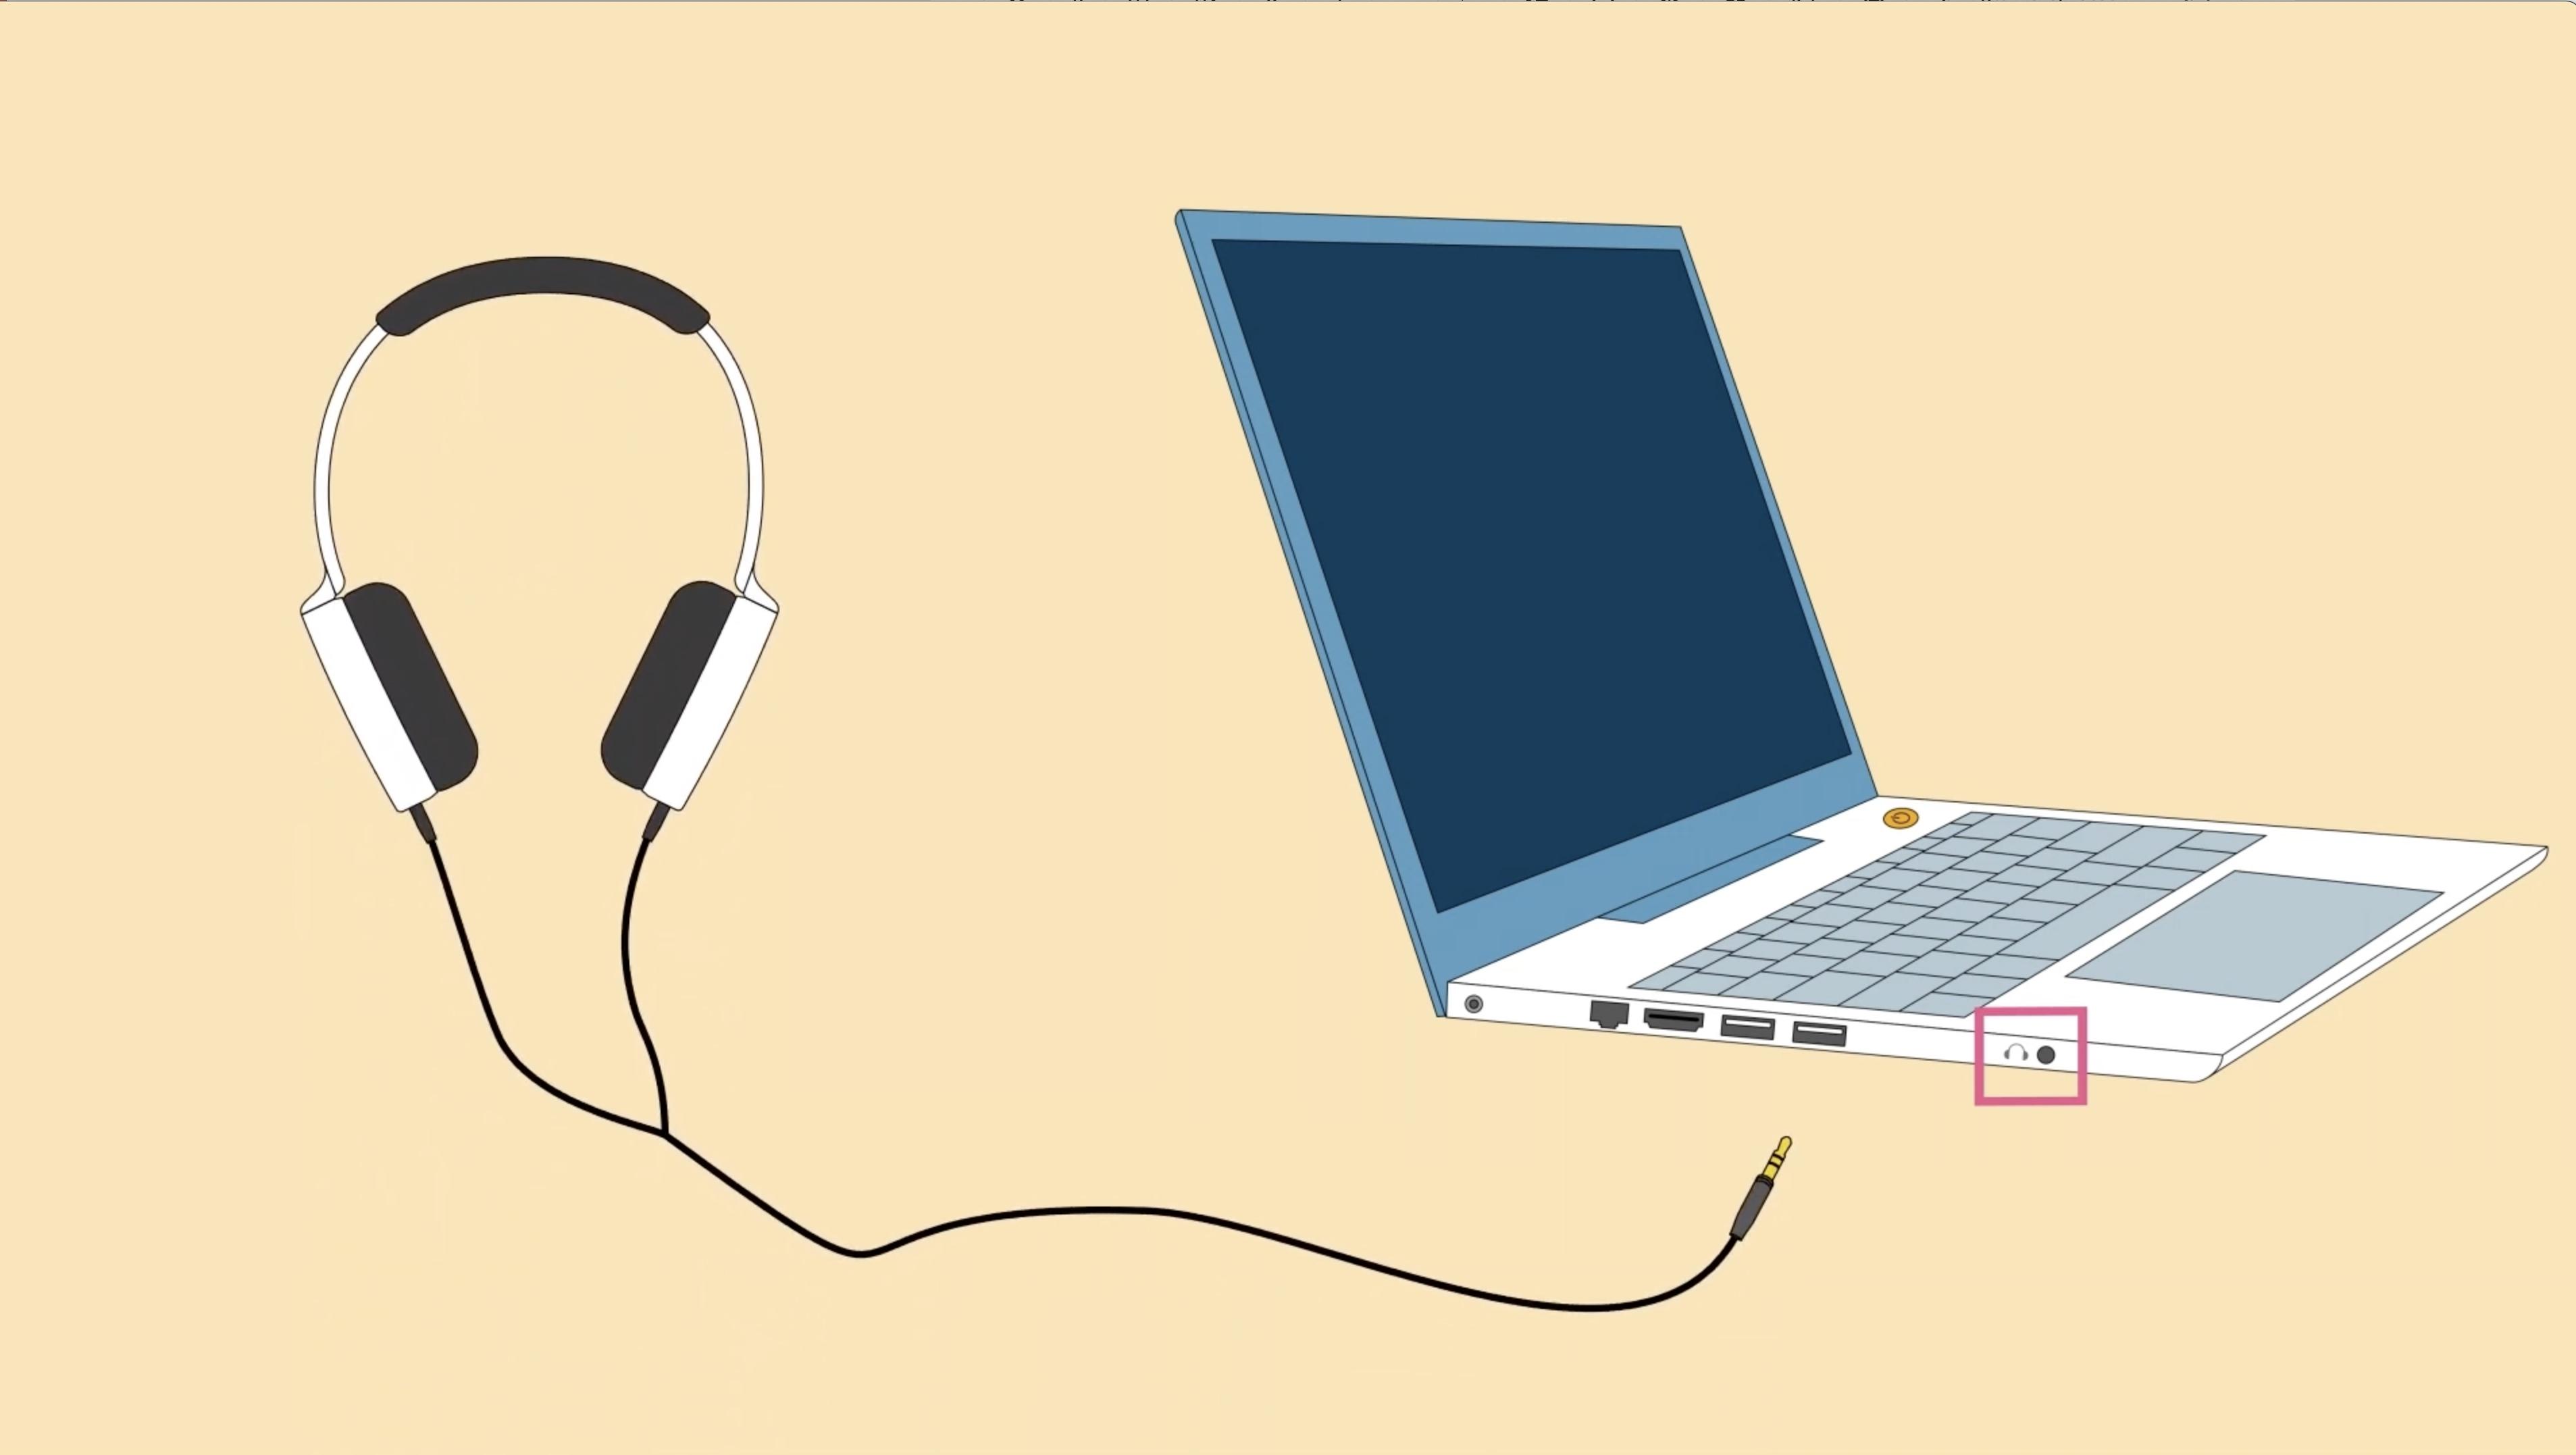 Como conectar fones de ouvido e caixas de som a um computador